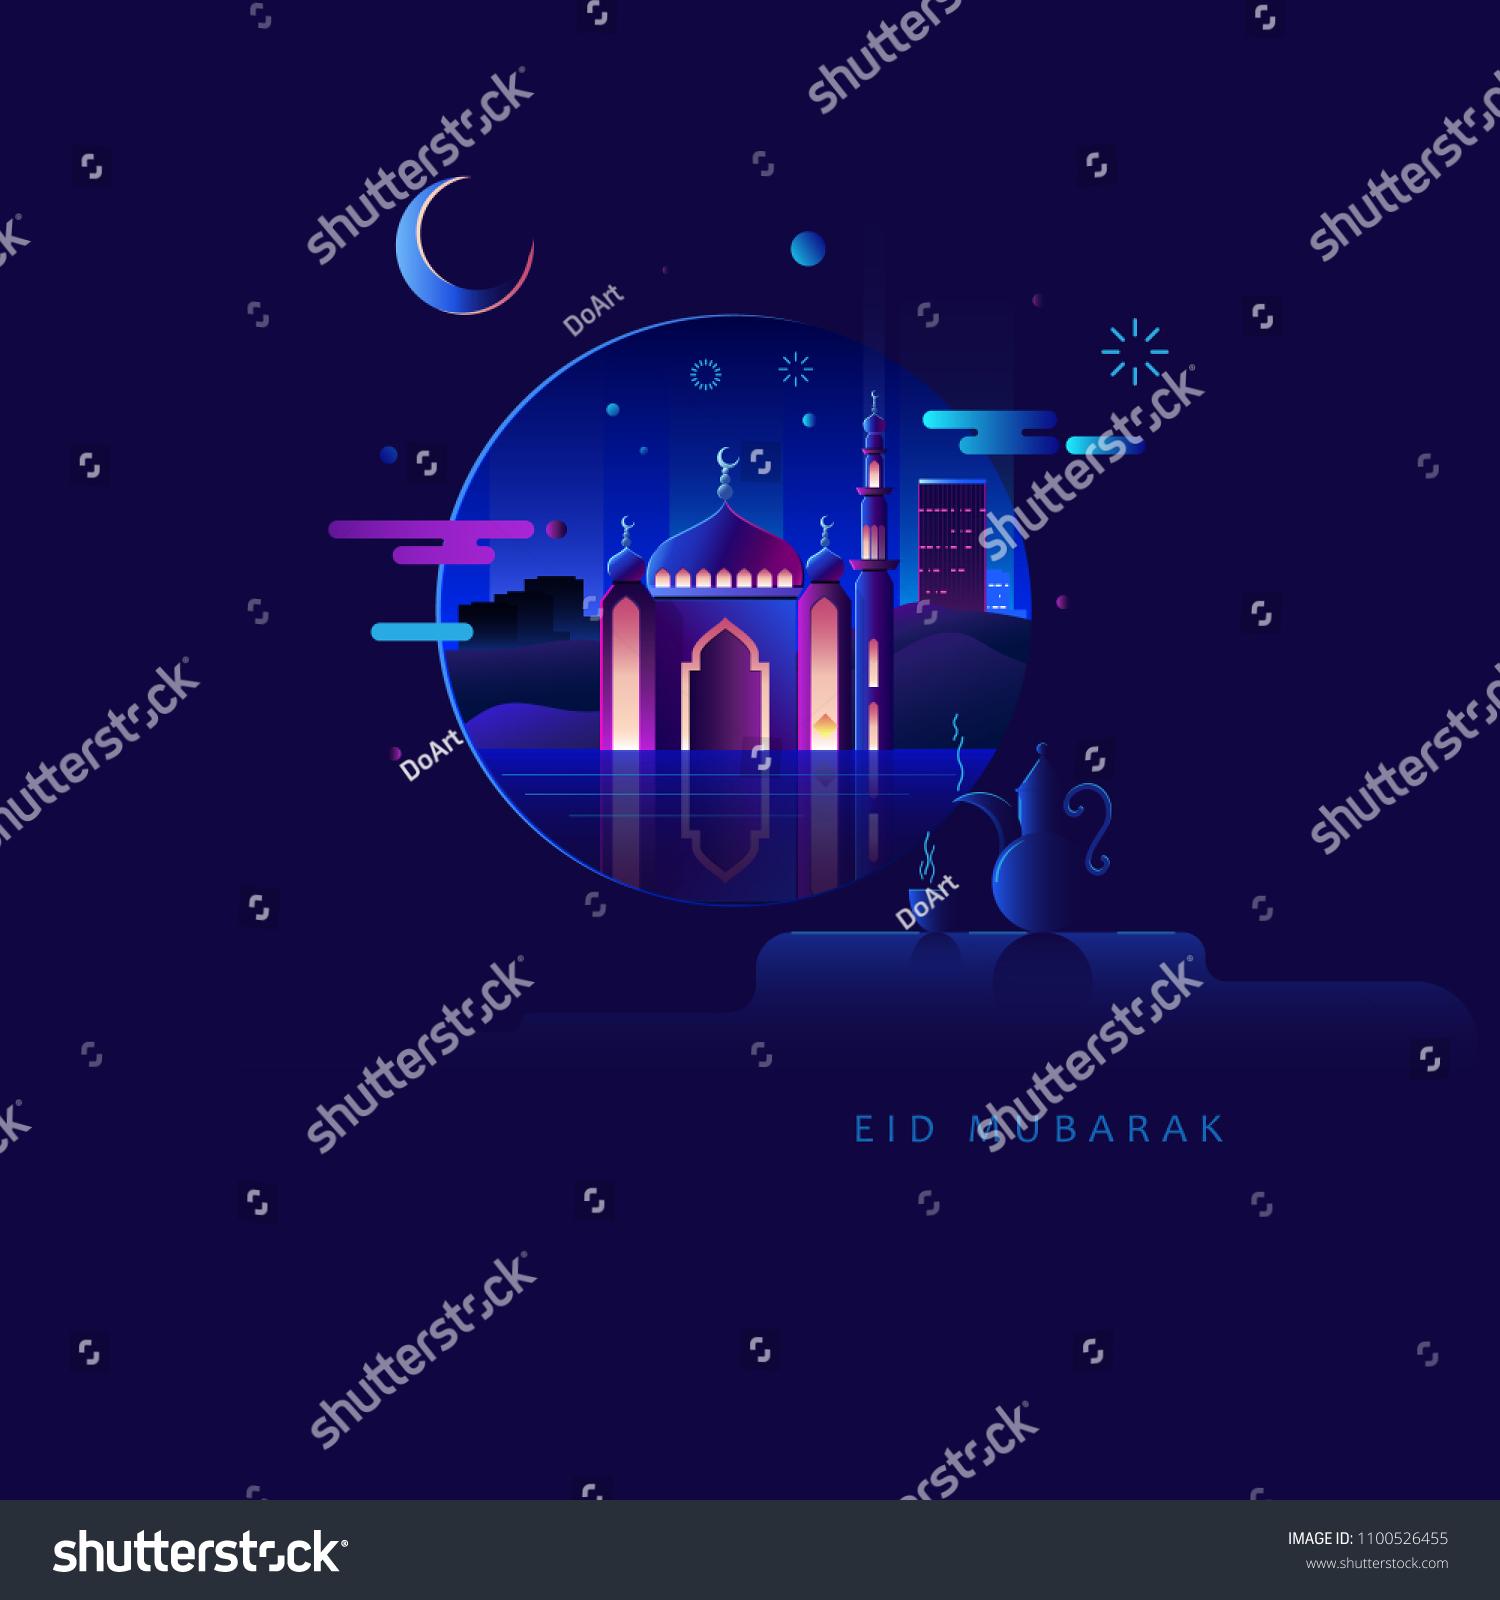 Eid Mubarak Flat Illustration With A Warm Dark Blue Background As